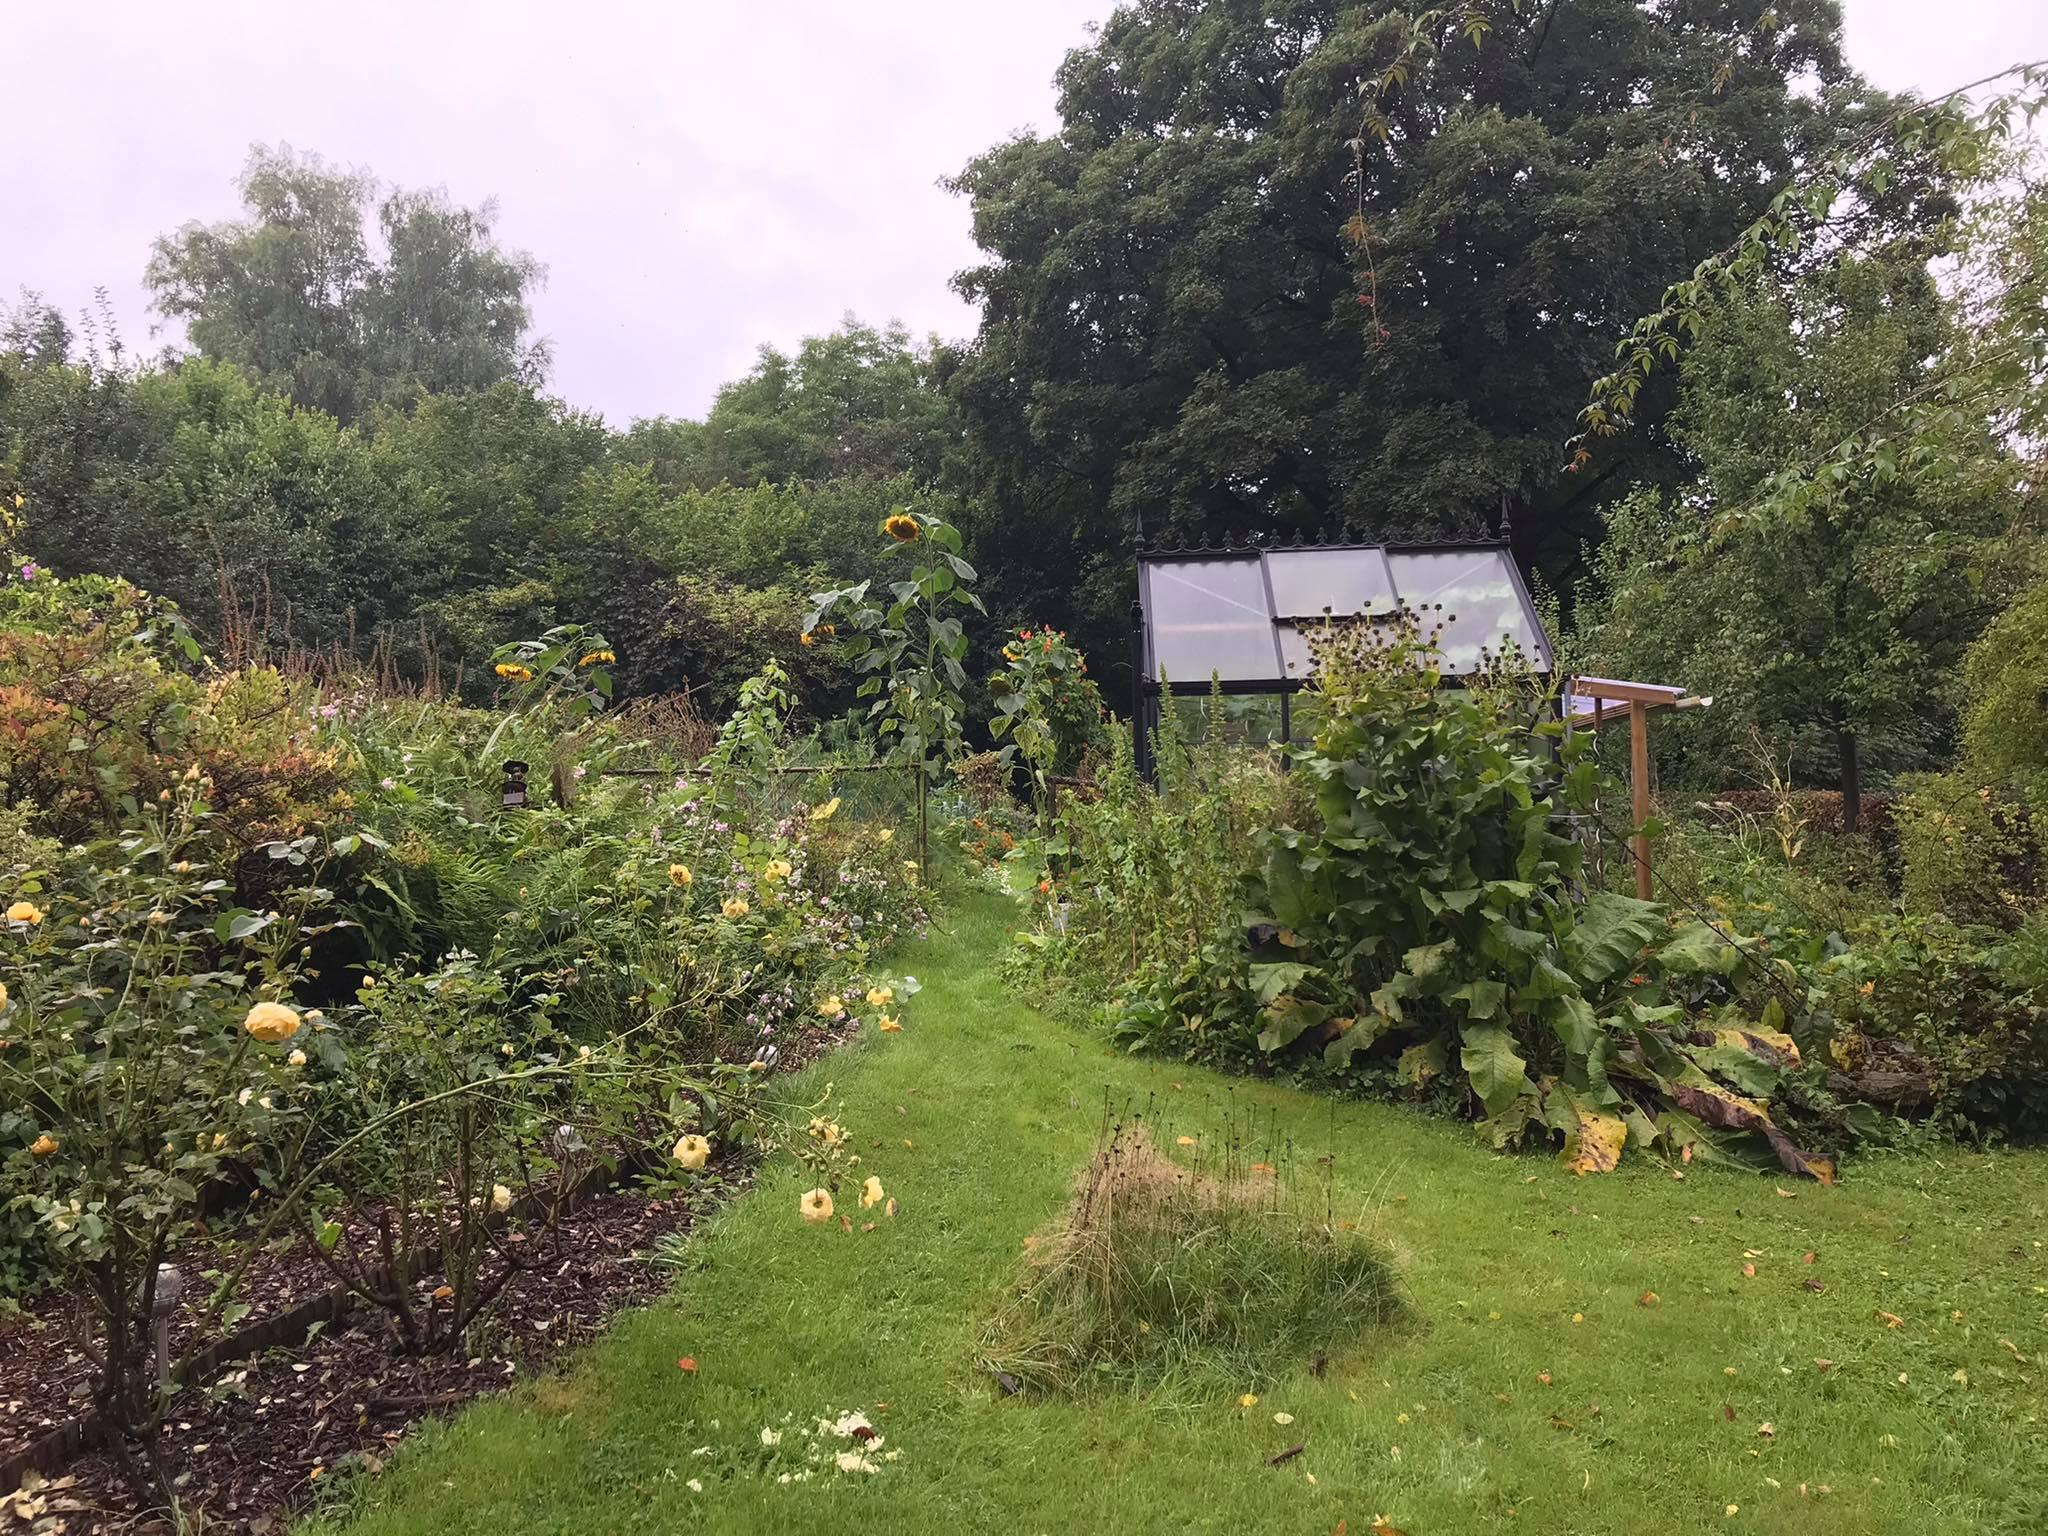 Première édition du concours « Jardiner pour la biodiversité » à Verviers : le jardin de Daniel Wilket primé pour ses qualités biologiques